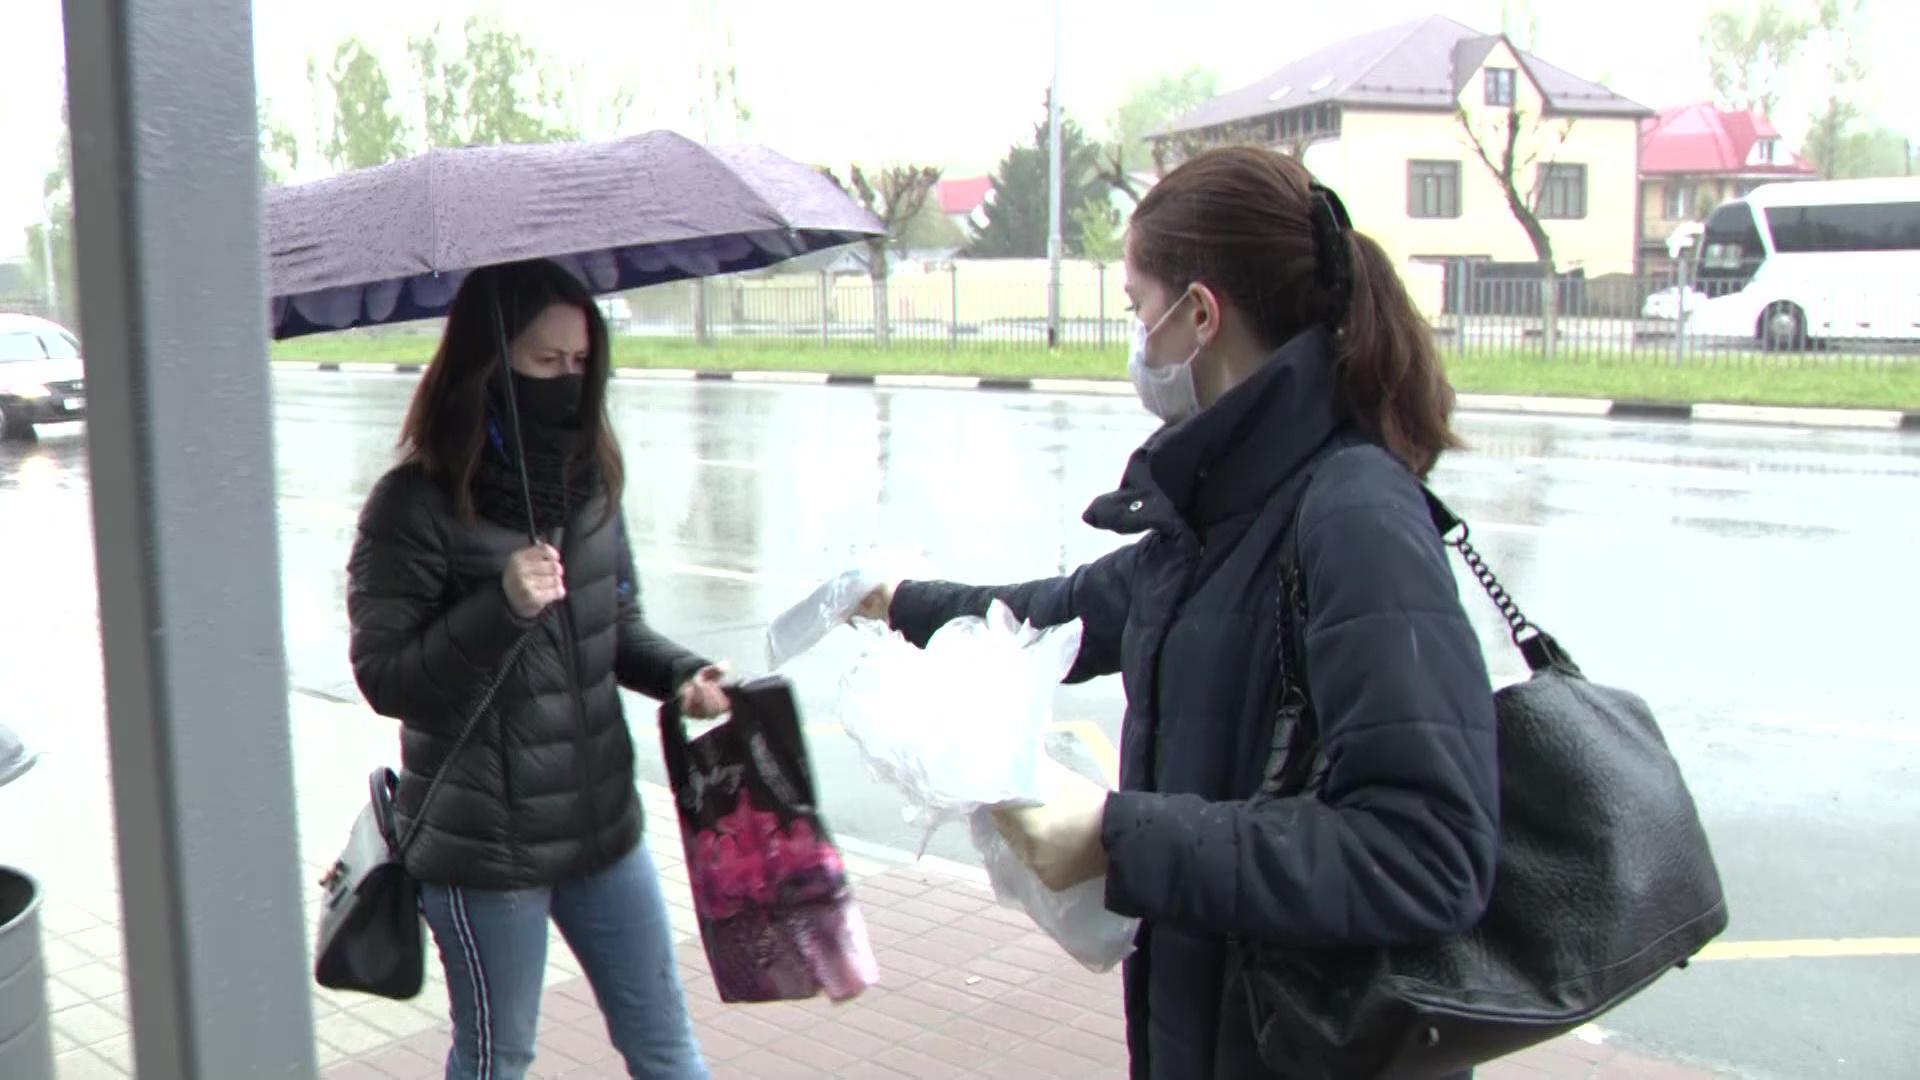 Ярославцы рассказали, что думают о масочном режиме и соблюдают ли его